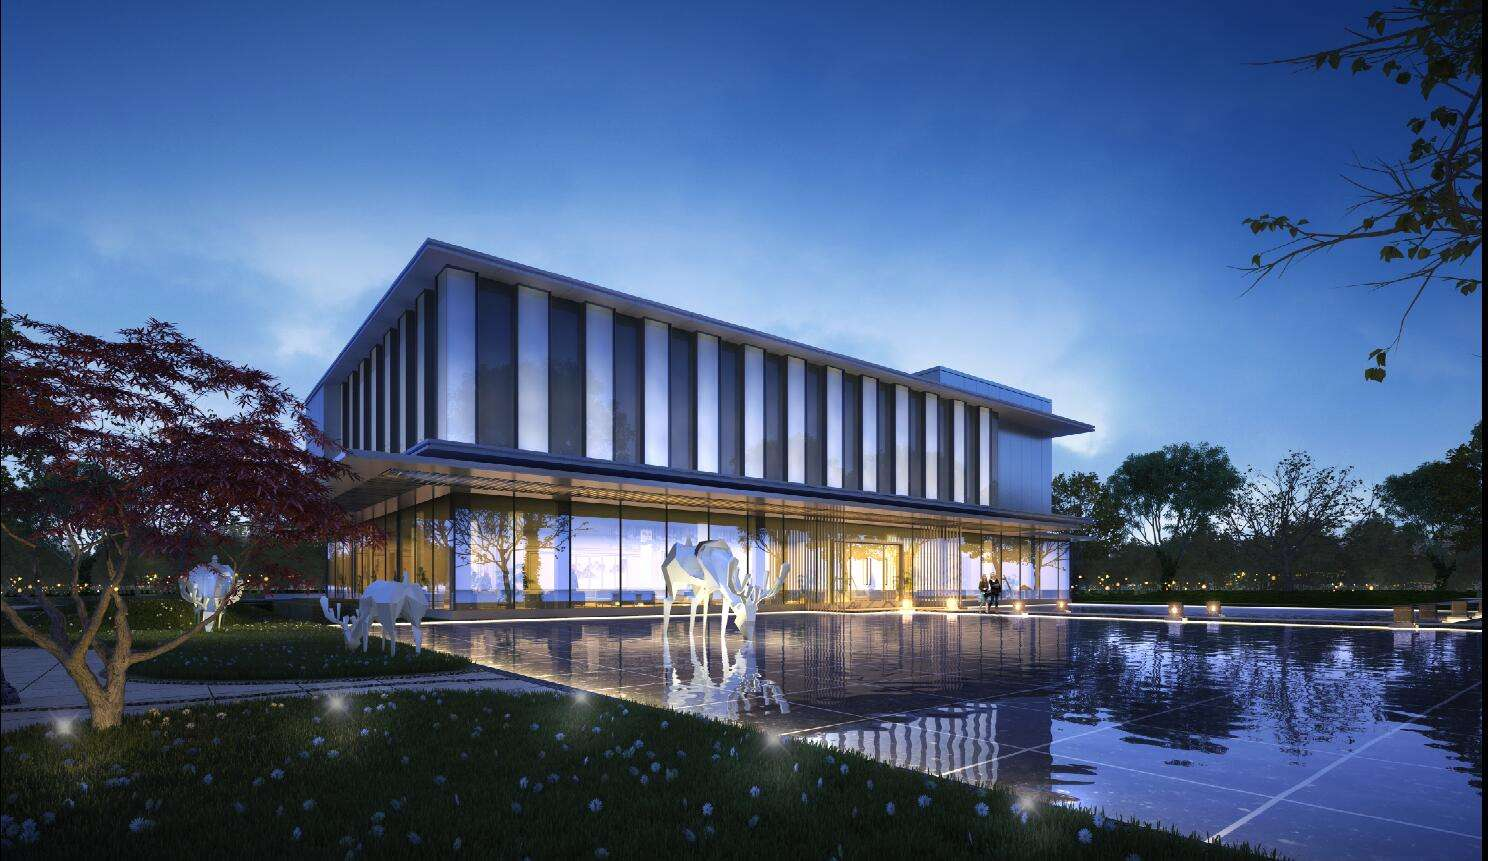 室外景观建筑 飞特网 建筑景观设计